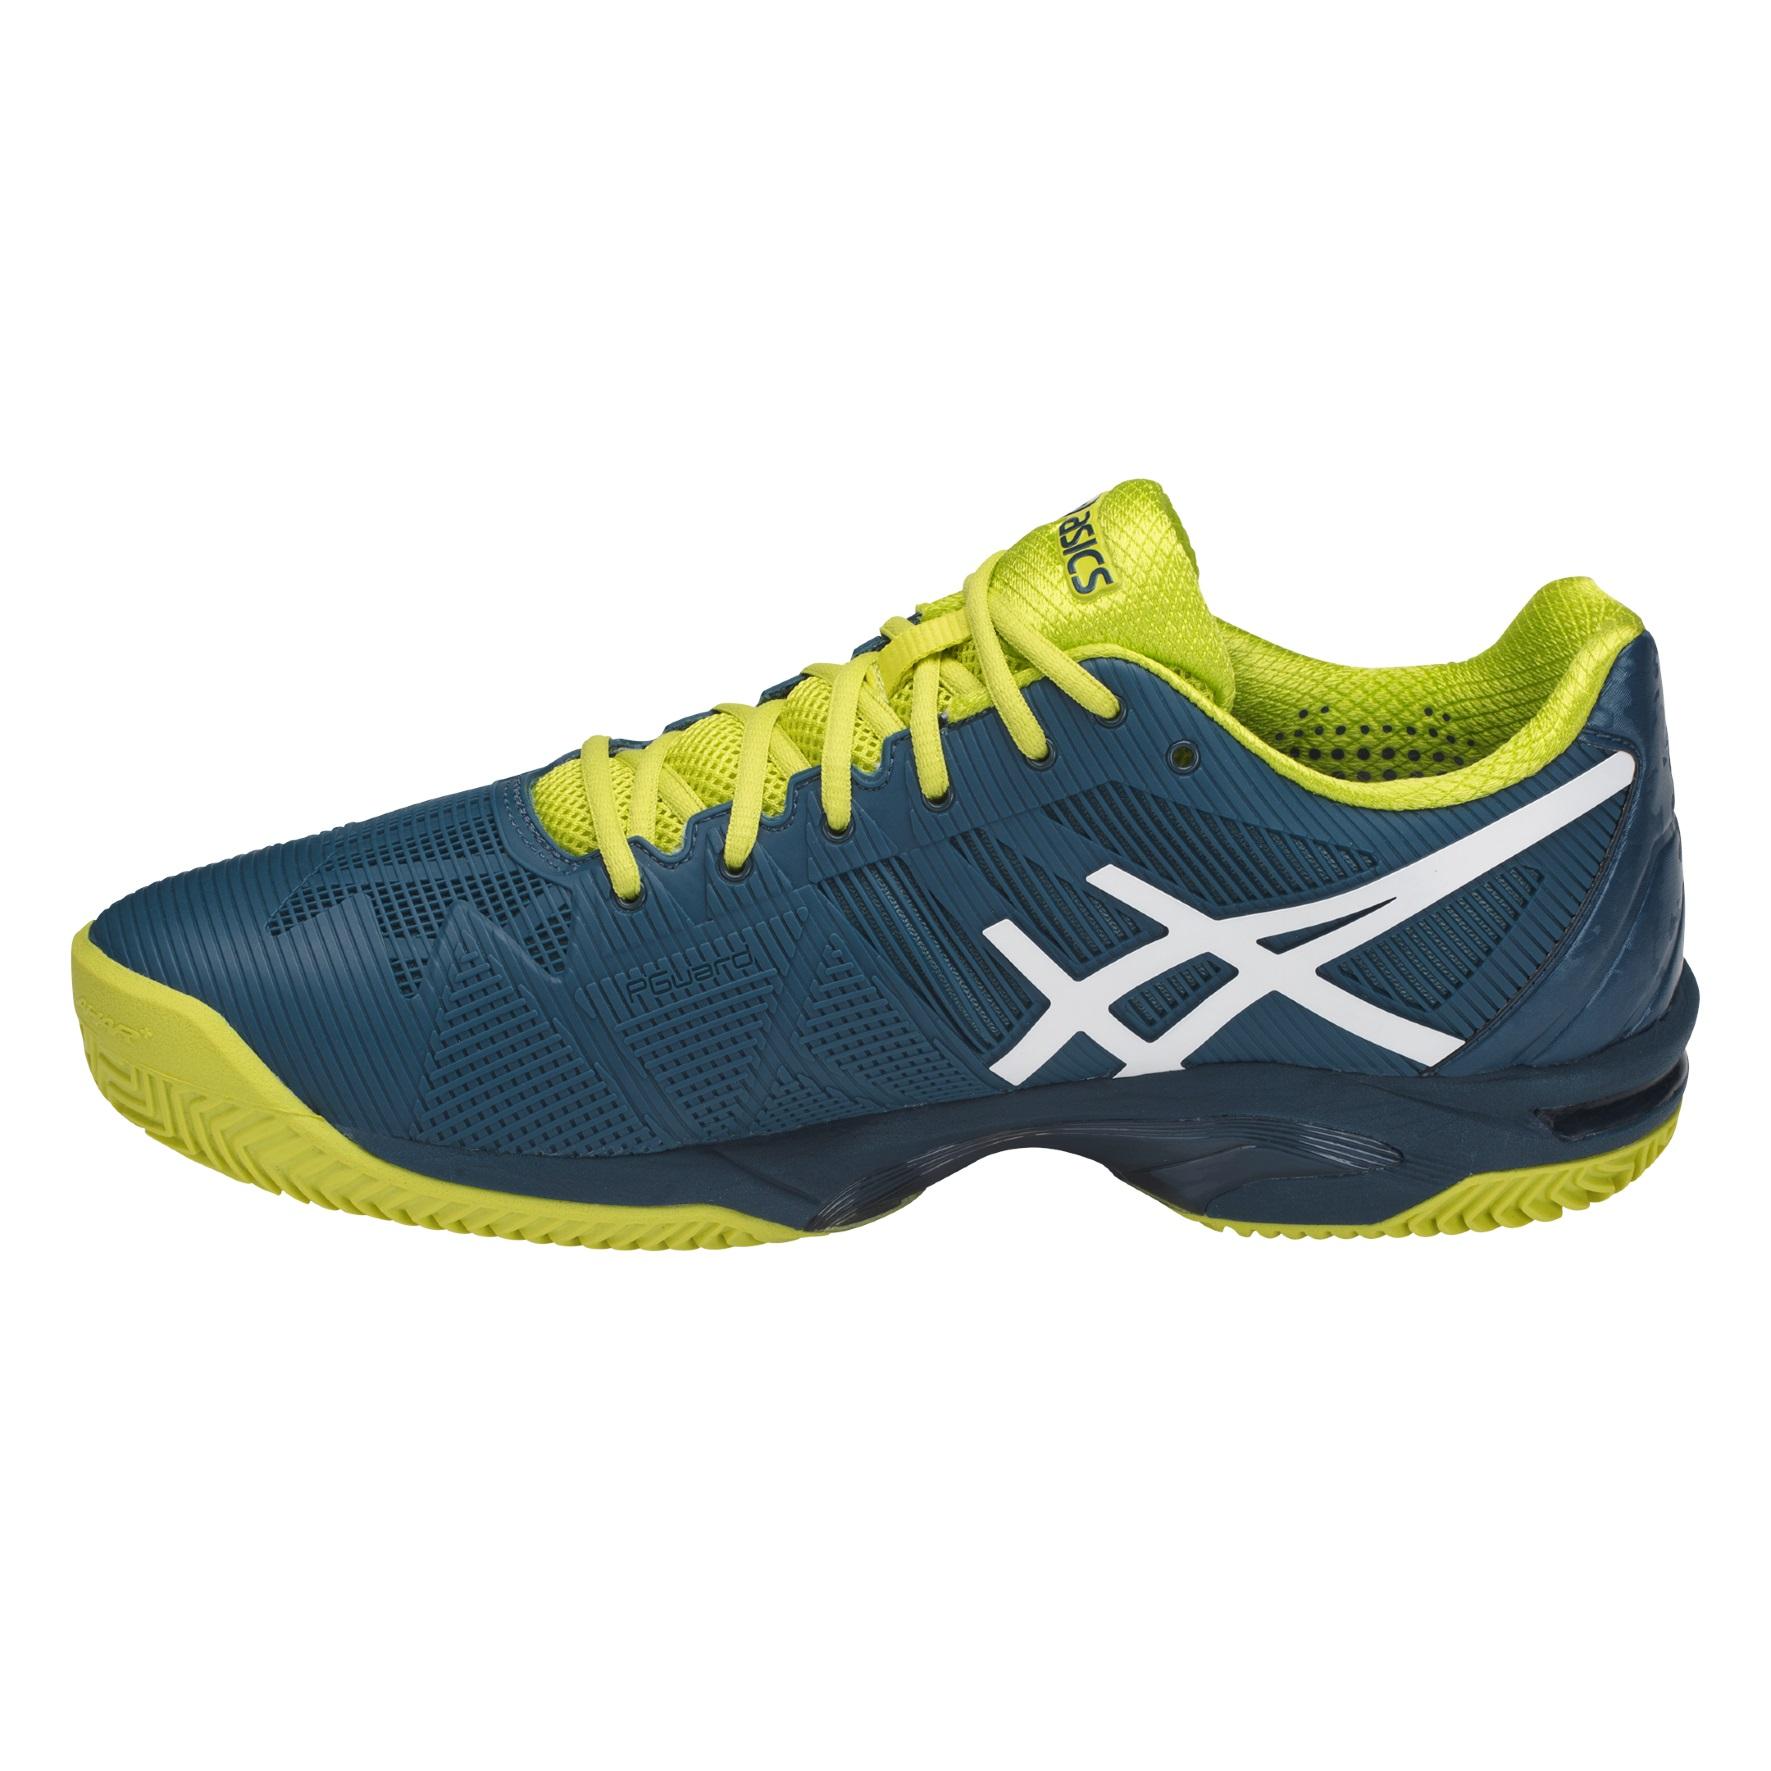 Asics Herren Gel Solution Speed 3 Clay Tennis Schuhe Laufschuhe Rot Extra Leicht